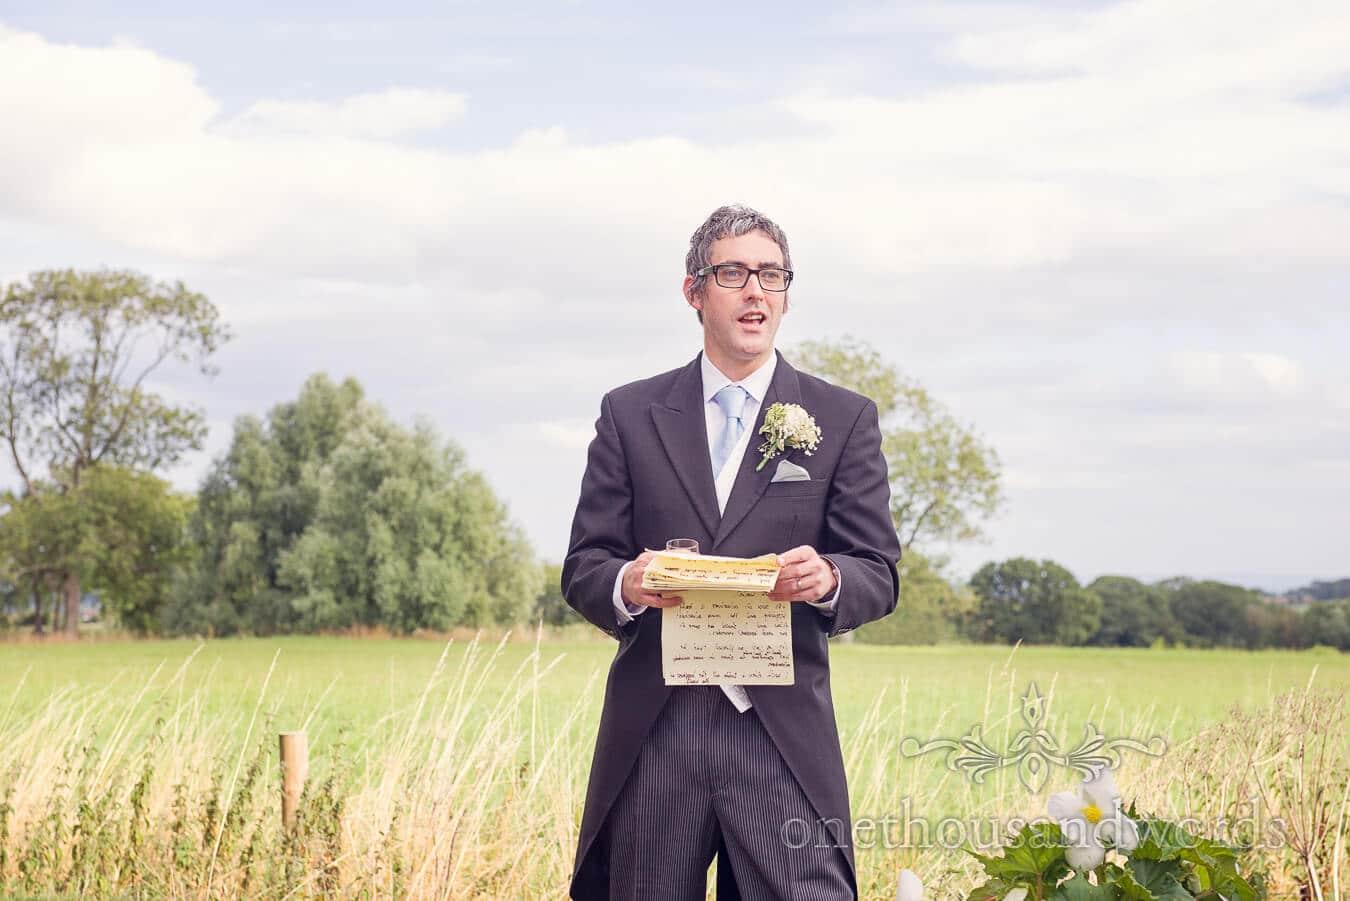 Best Mans speech at Countryside Wedding Photograph